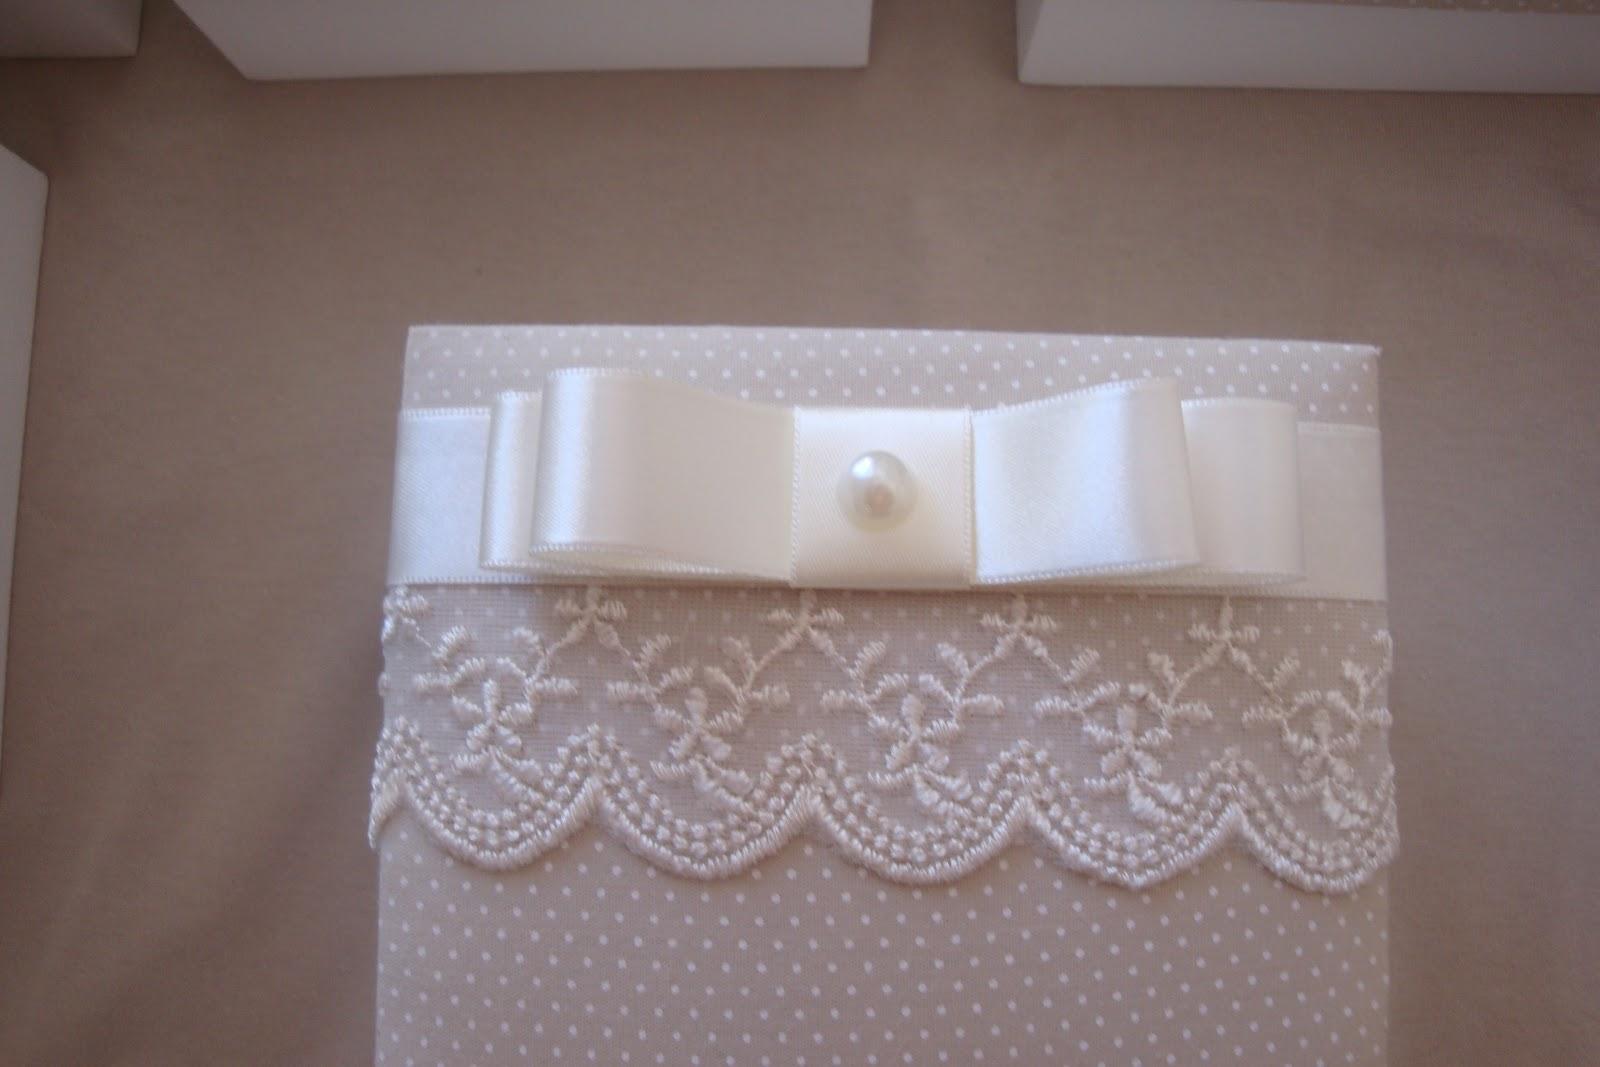 Eu adoroooo essa caixa uma caixa super classica e muitoo delicada.. #493730 1600x1067